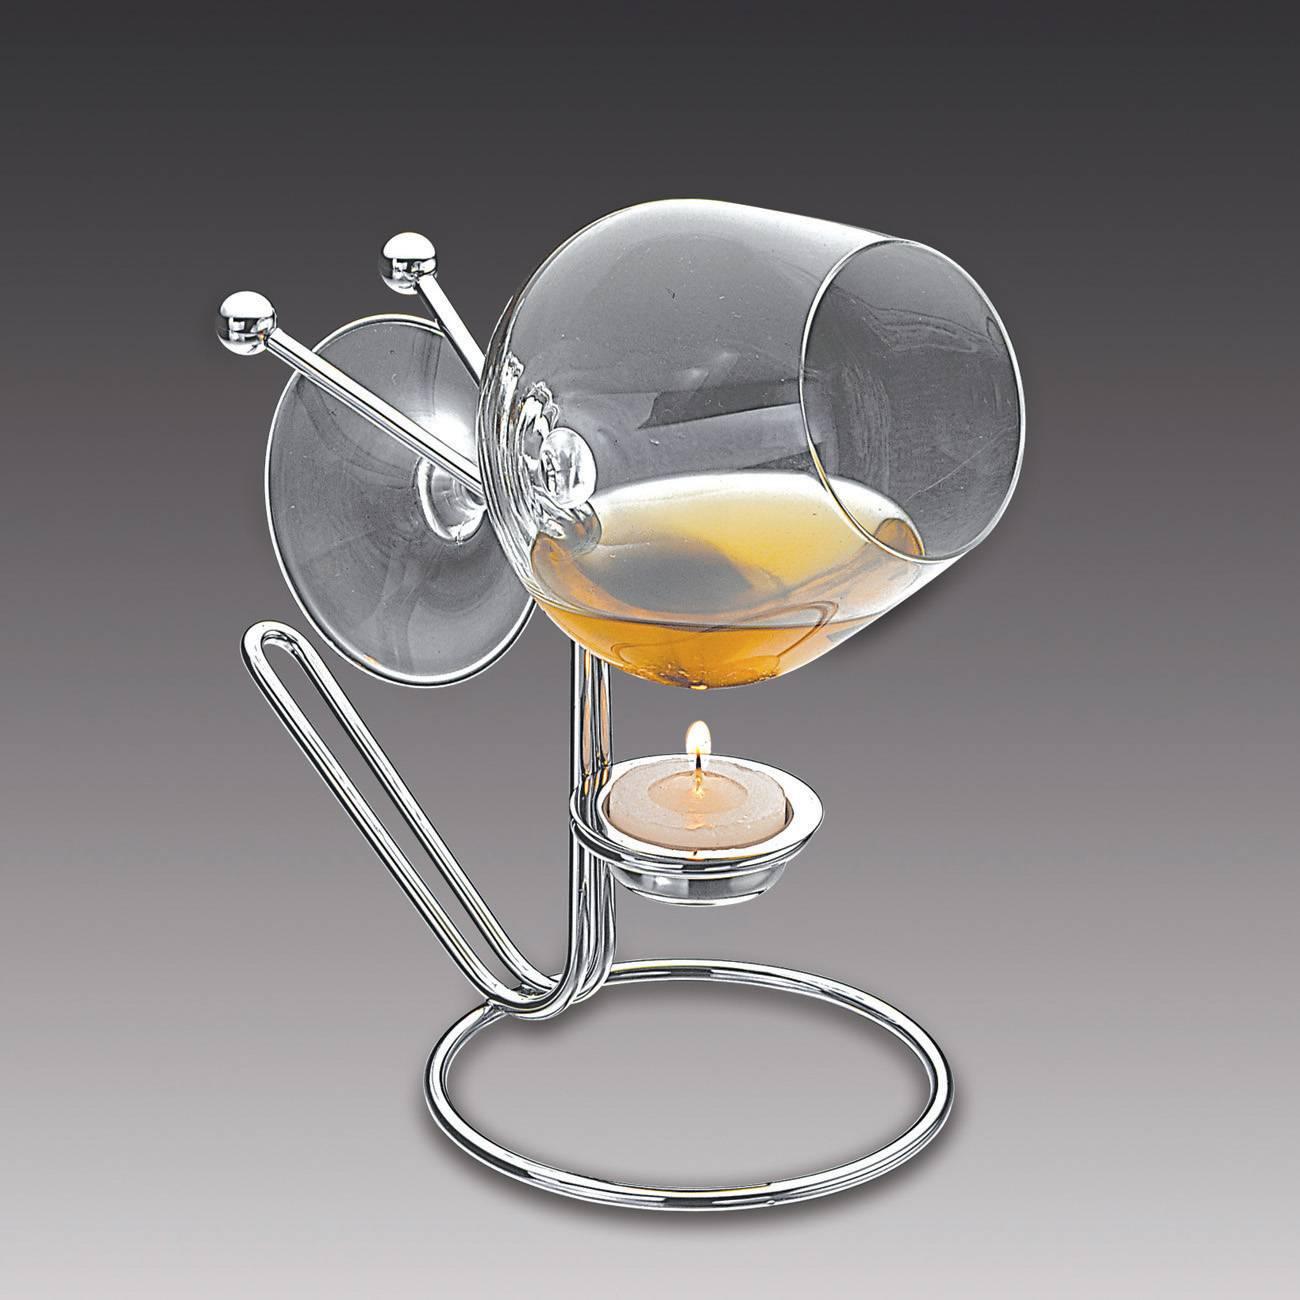 Aquecedor para Conhaque Balls - com Taça em Cristal - em Prata - Wolff - 14 cm